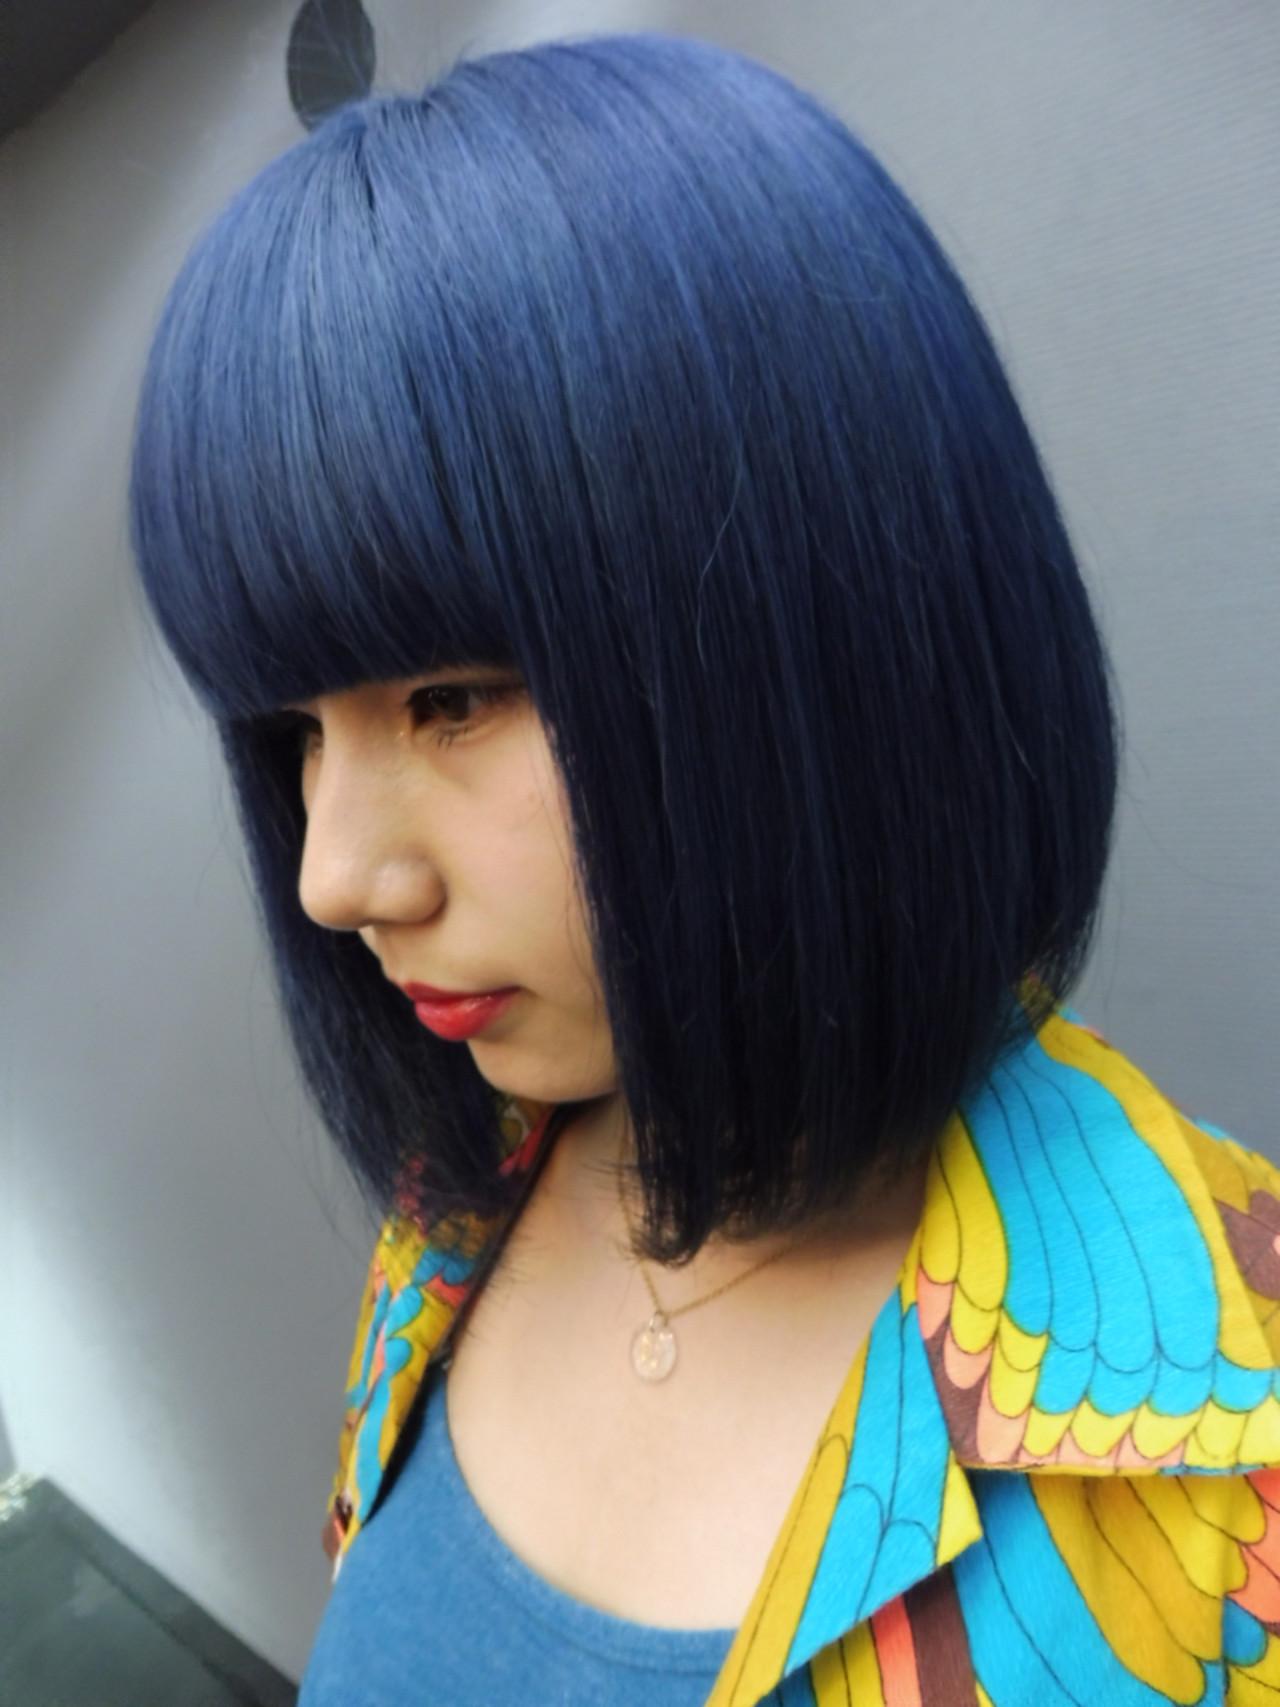 ブルー ストリート ネイビー ブルージュ ヘアスタイルや髪型の写真・画像